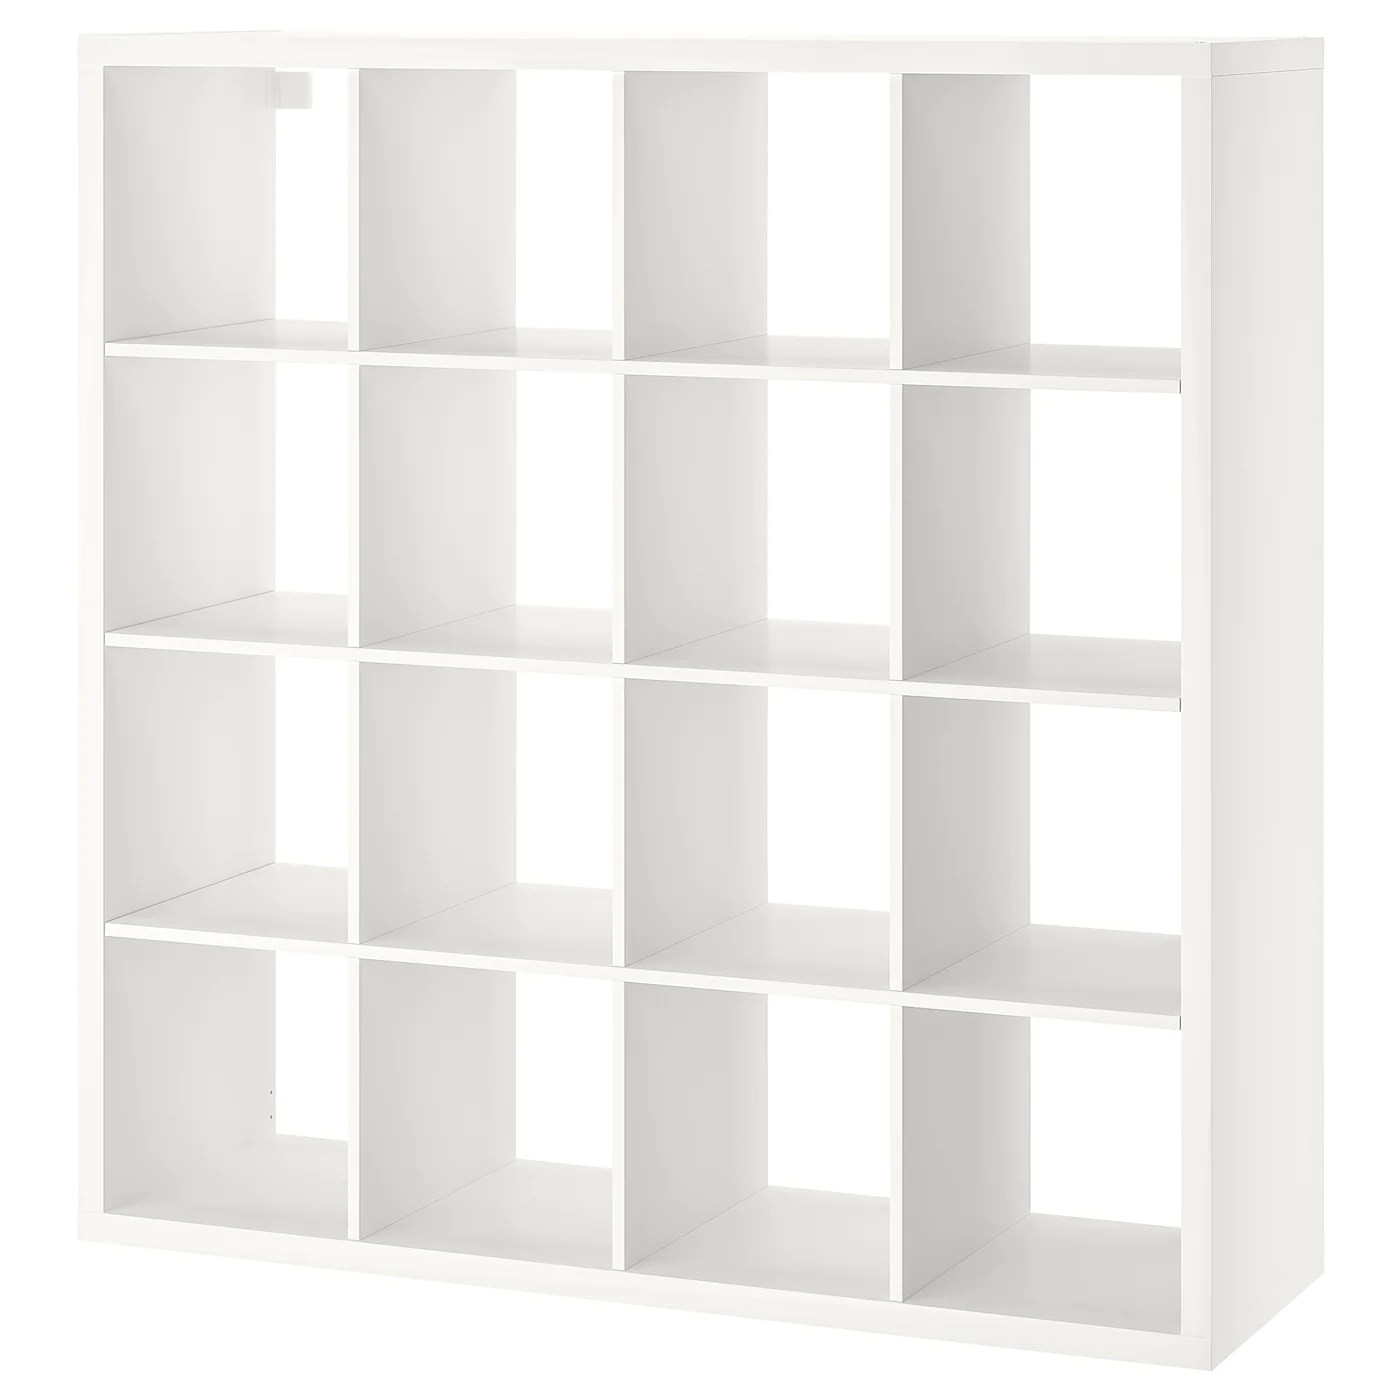 kallax shelf unit white 57 7 8x57 7 8 147x147 cm